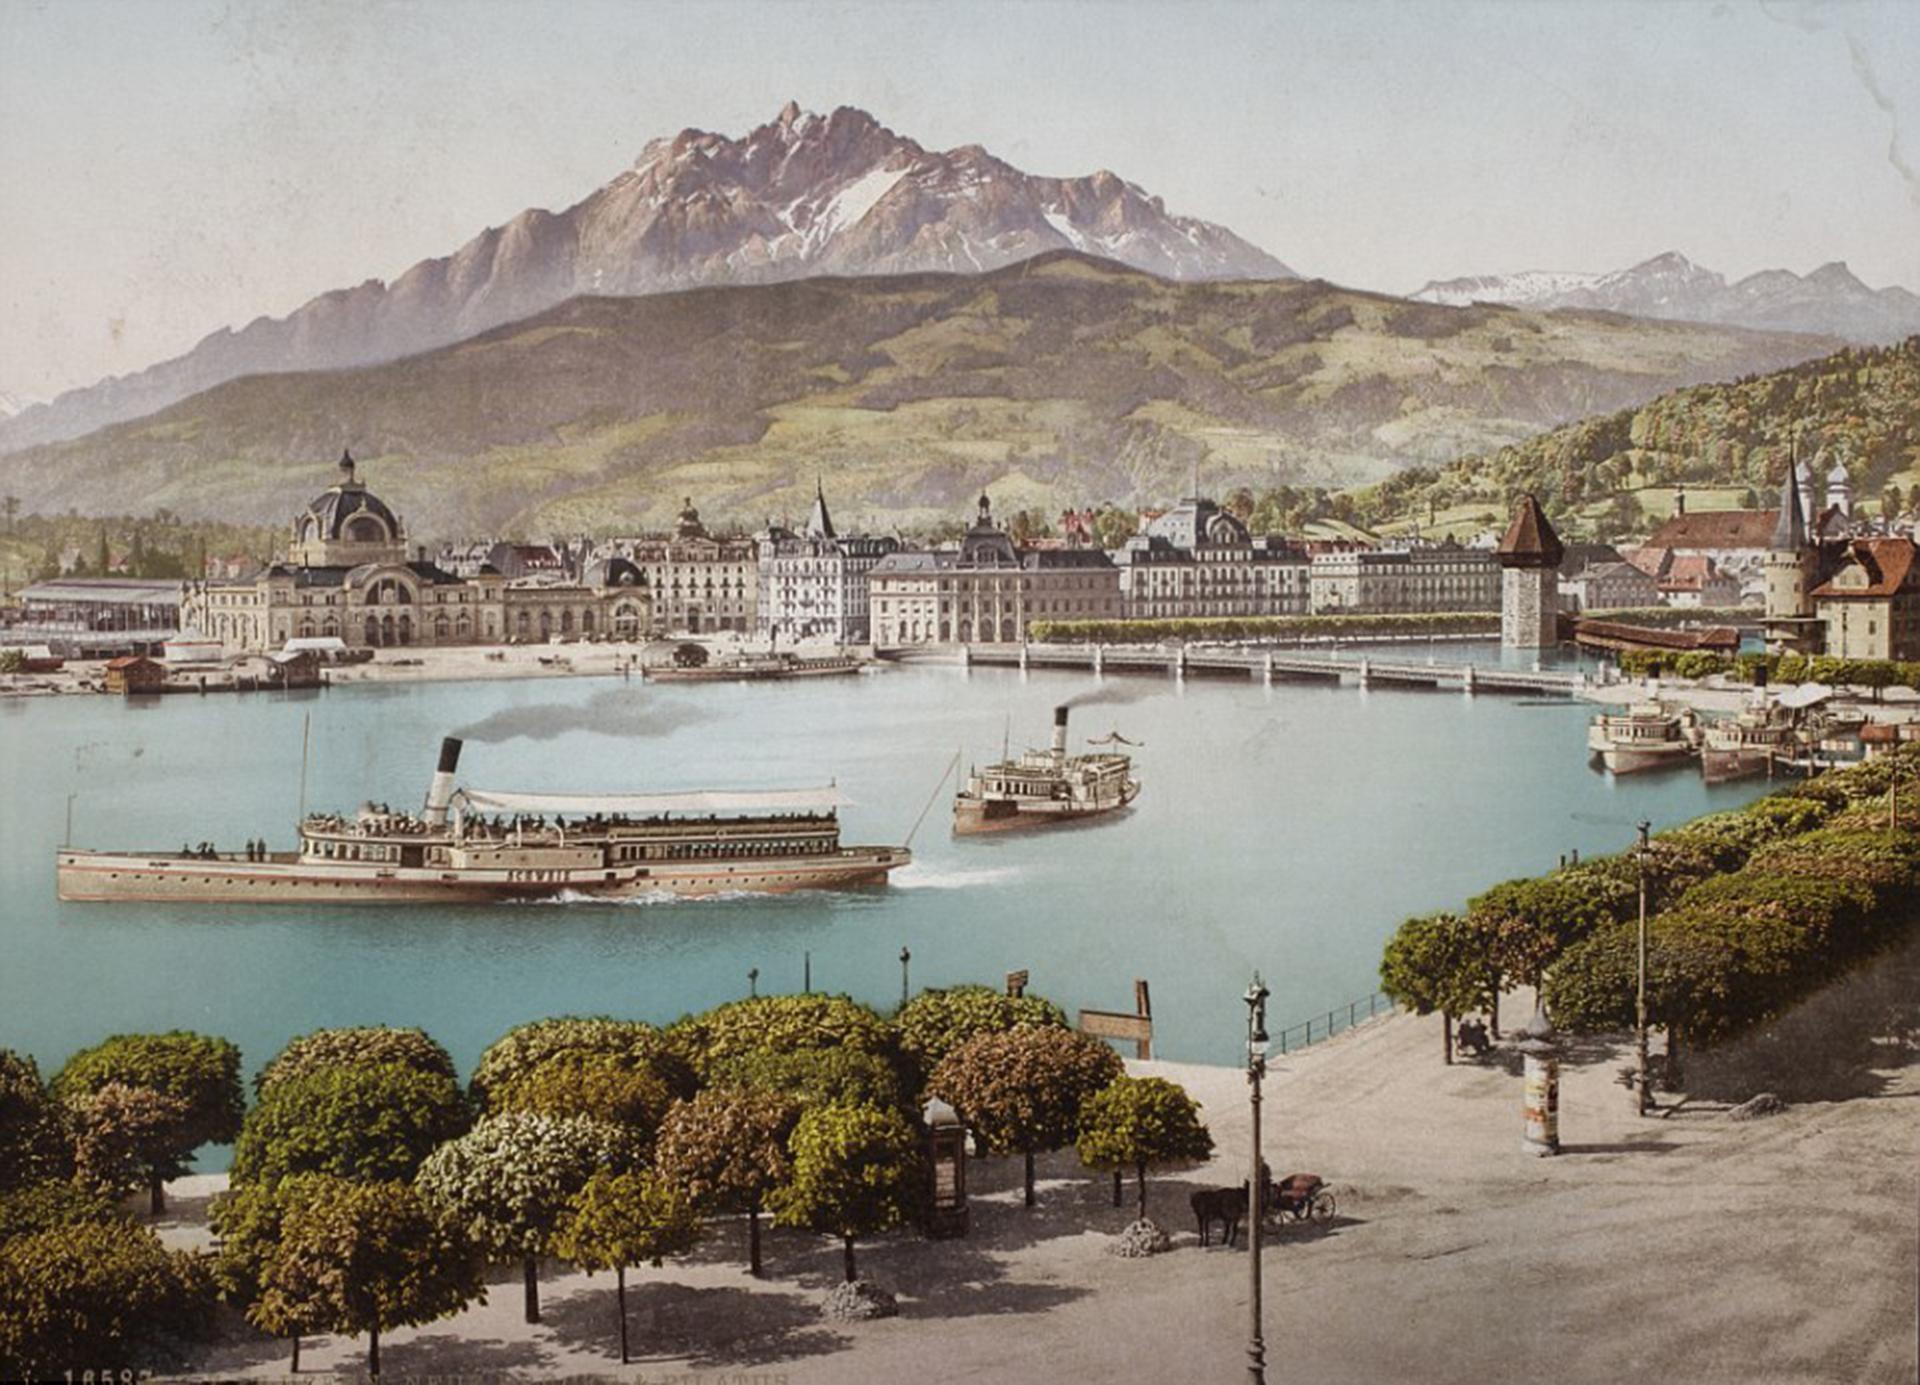 El cantón de Lucerna, en Suiza, en una imagen tomada entre 1889 y 1902